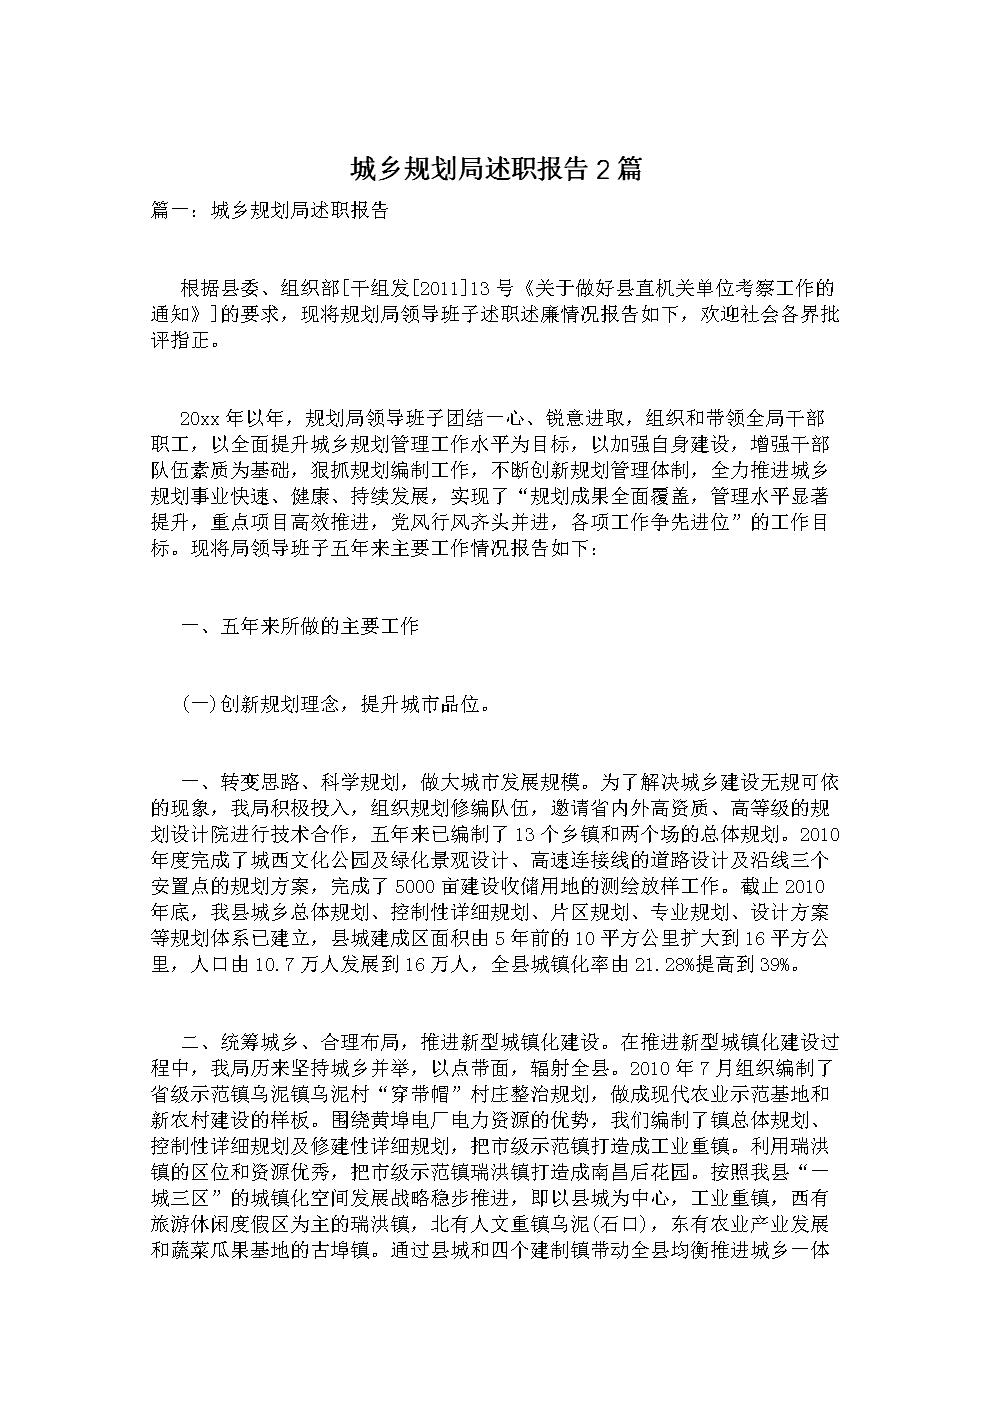 城乡规划局述职报告2篇.doc